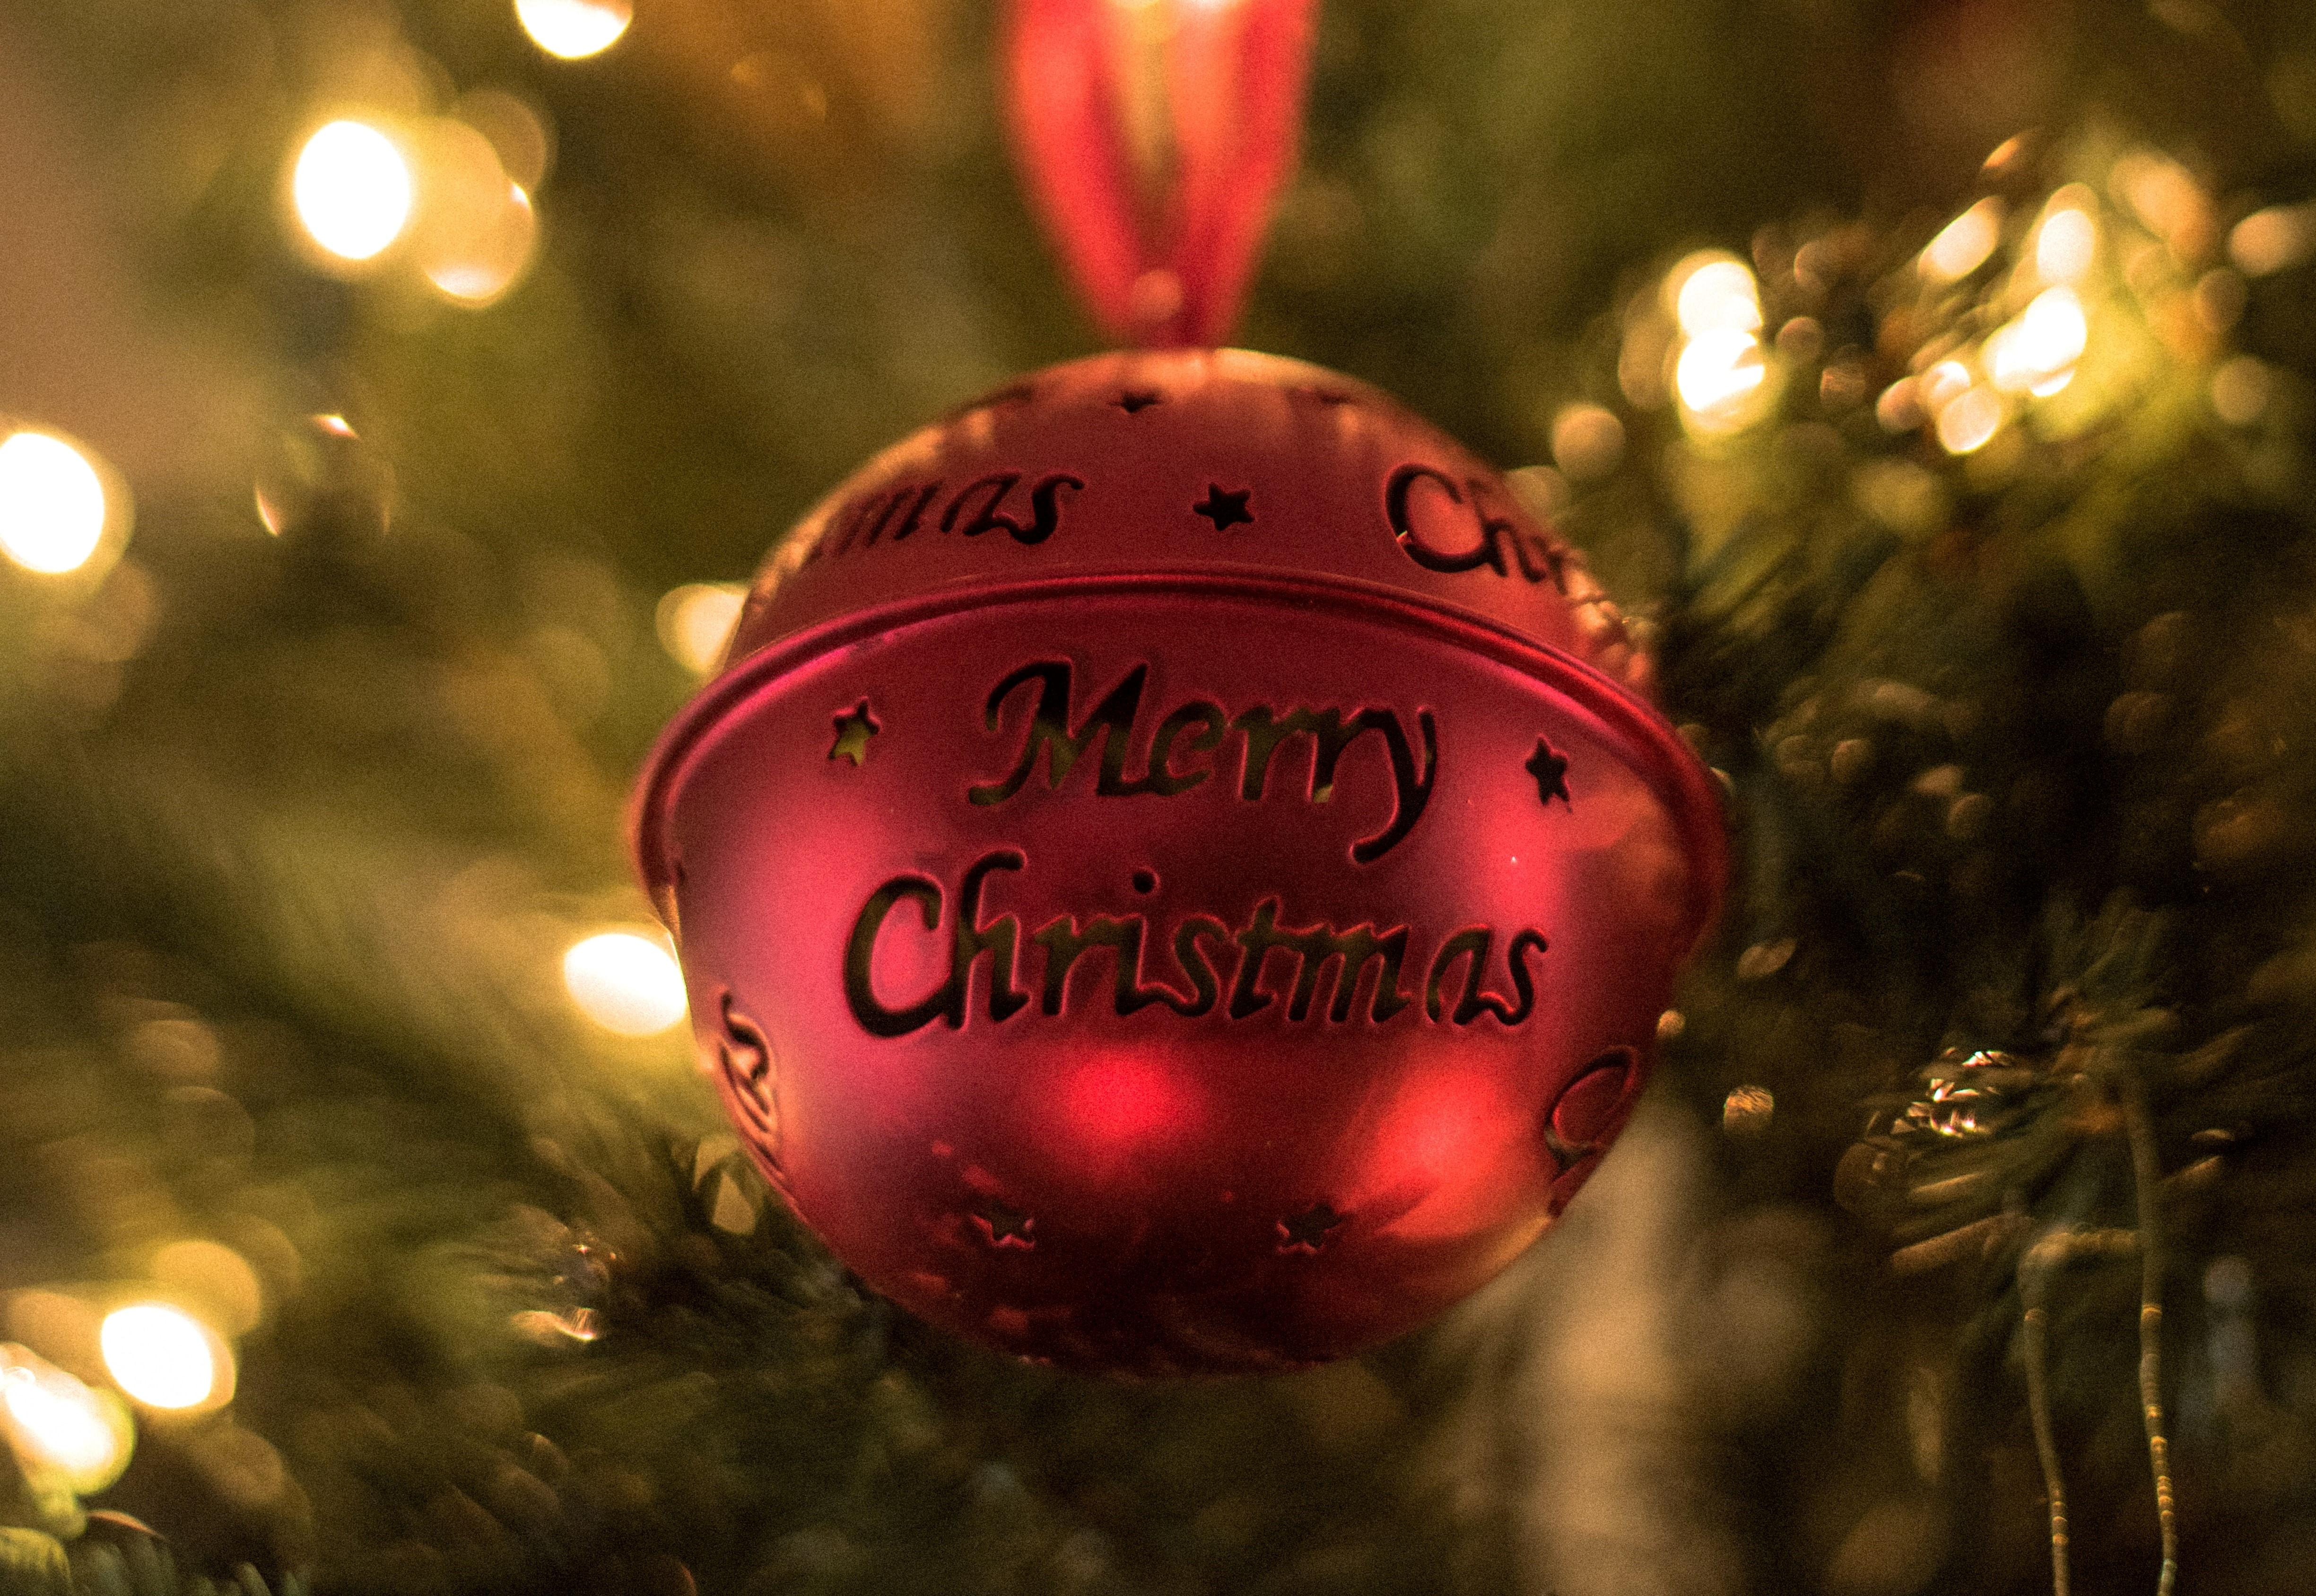 aaa10 films de Noël à regarder absolument